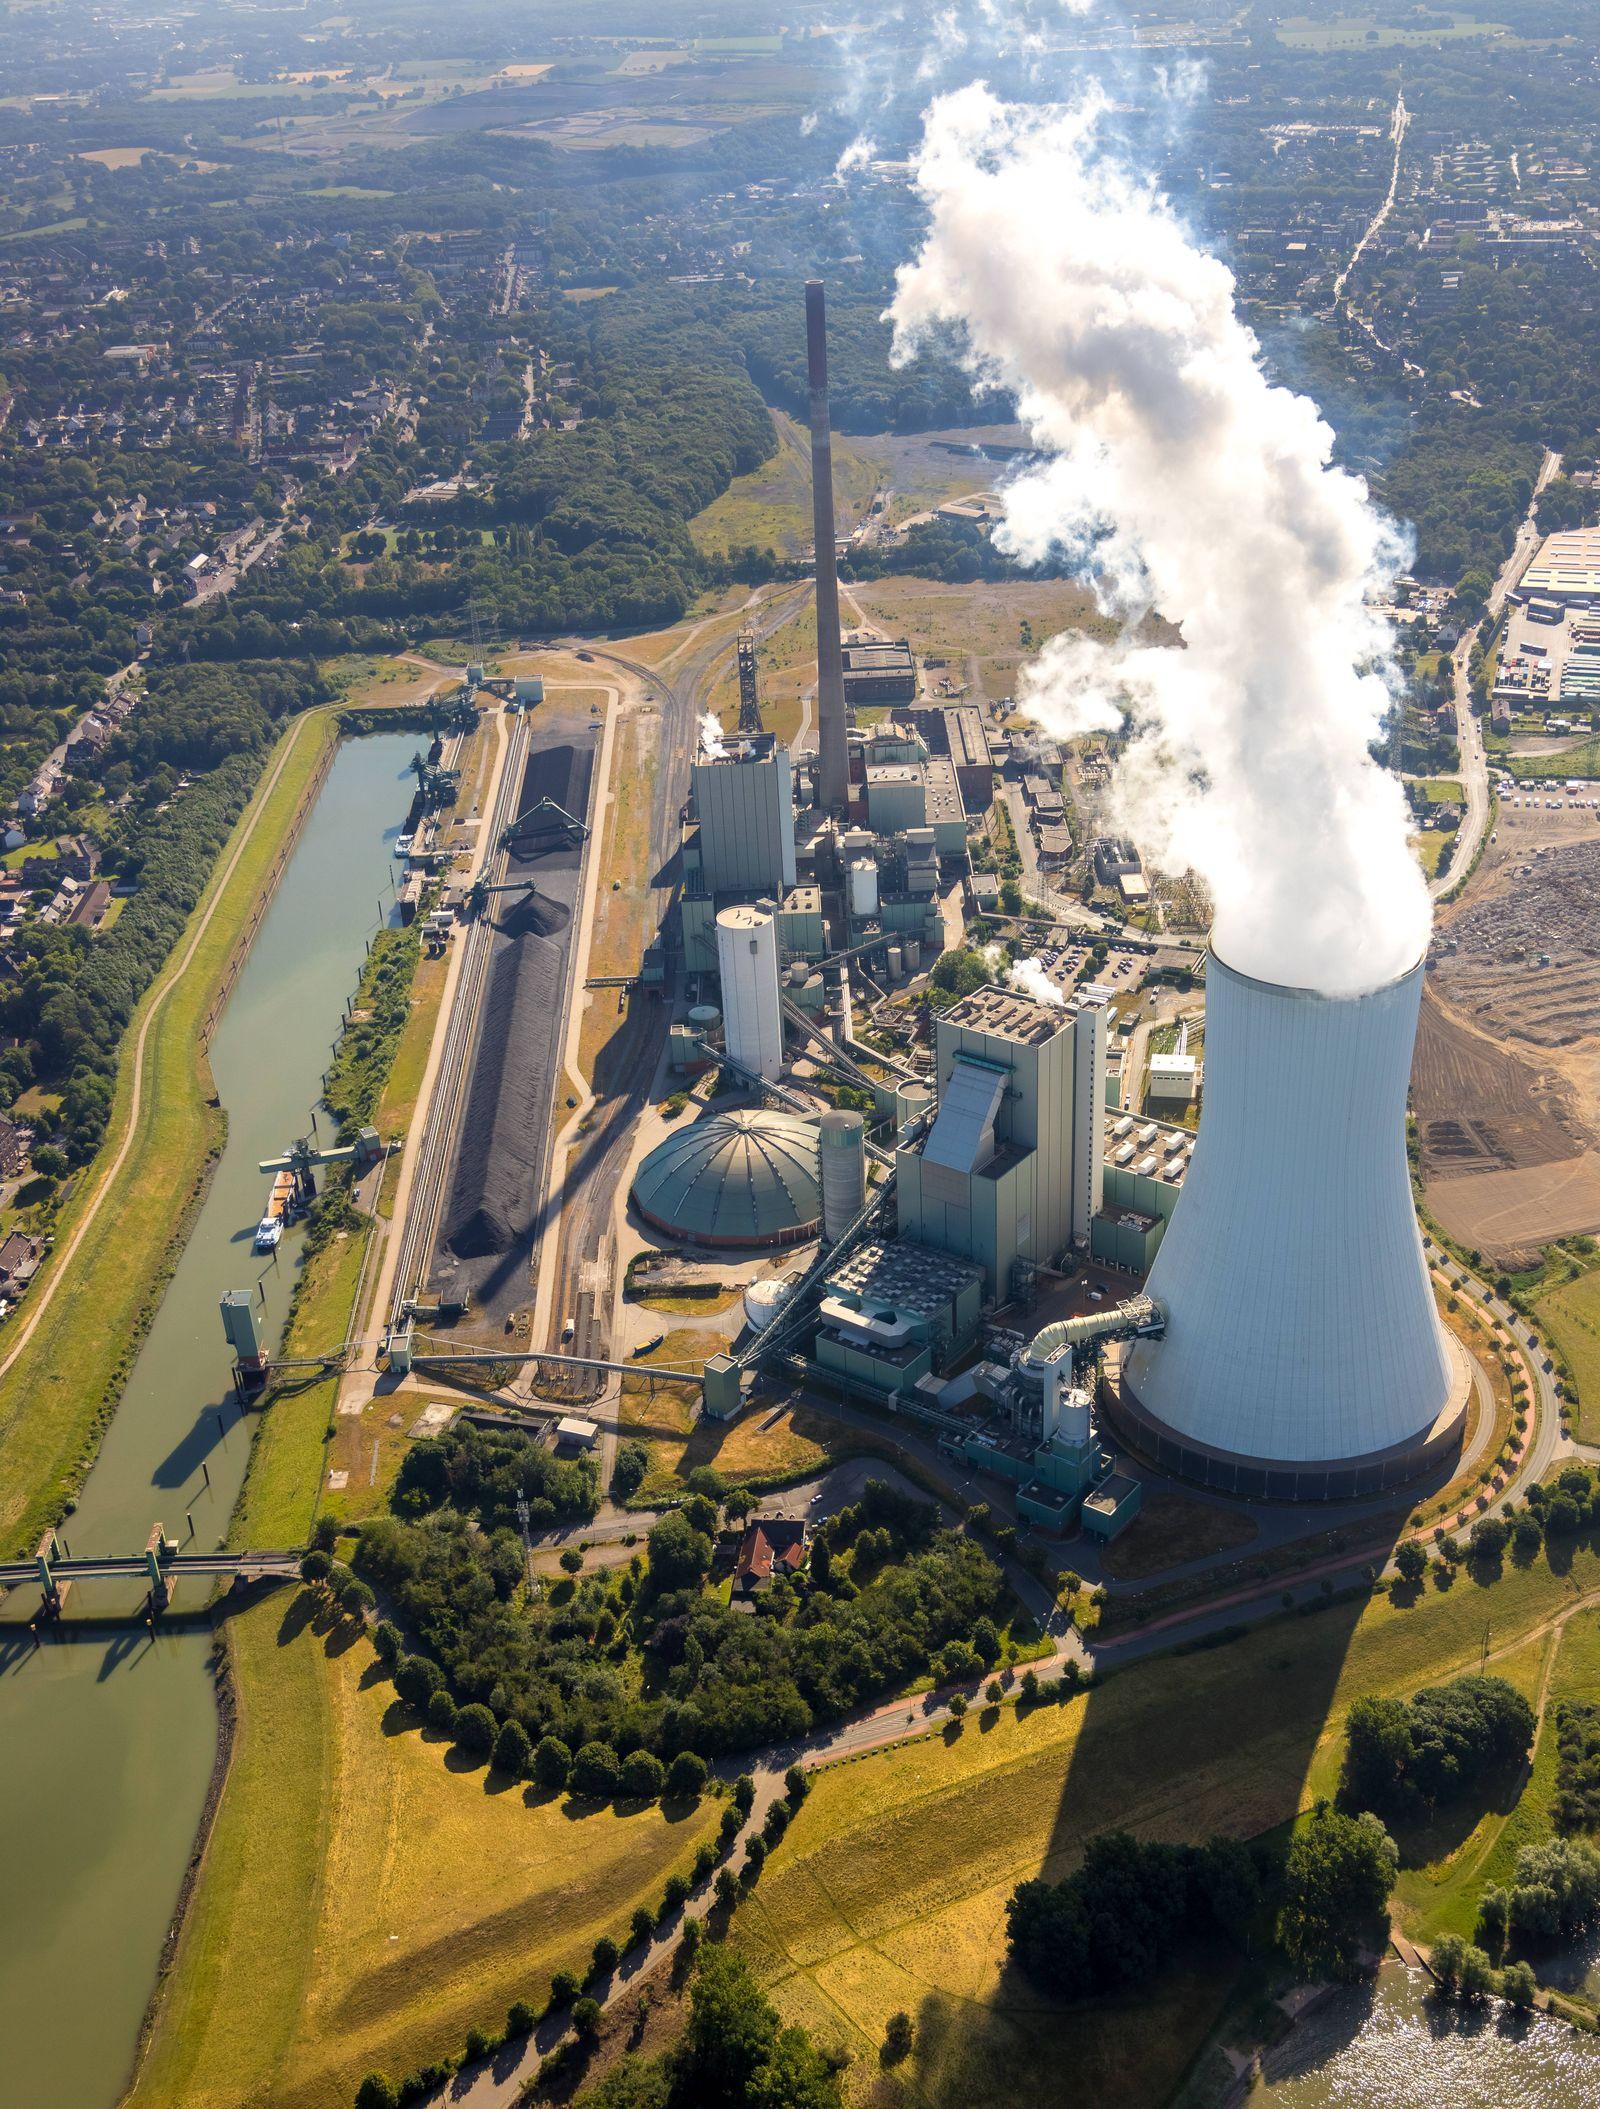 Luftbild vom Logistikstandort logport VI in Duisburg Walsum am Rhein auf der Brache einer ehemaligen